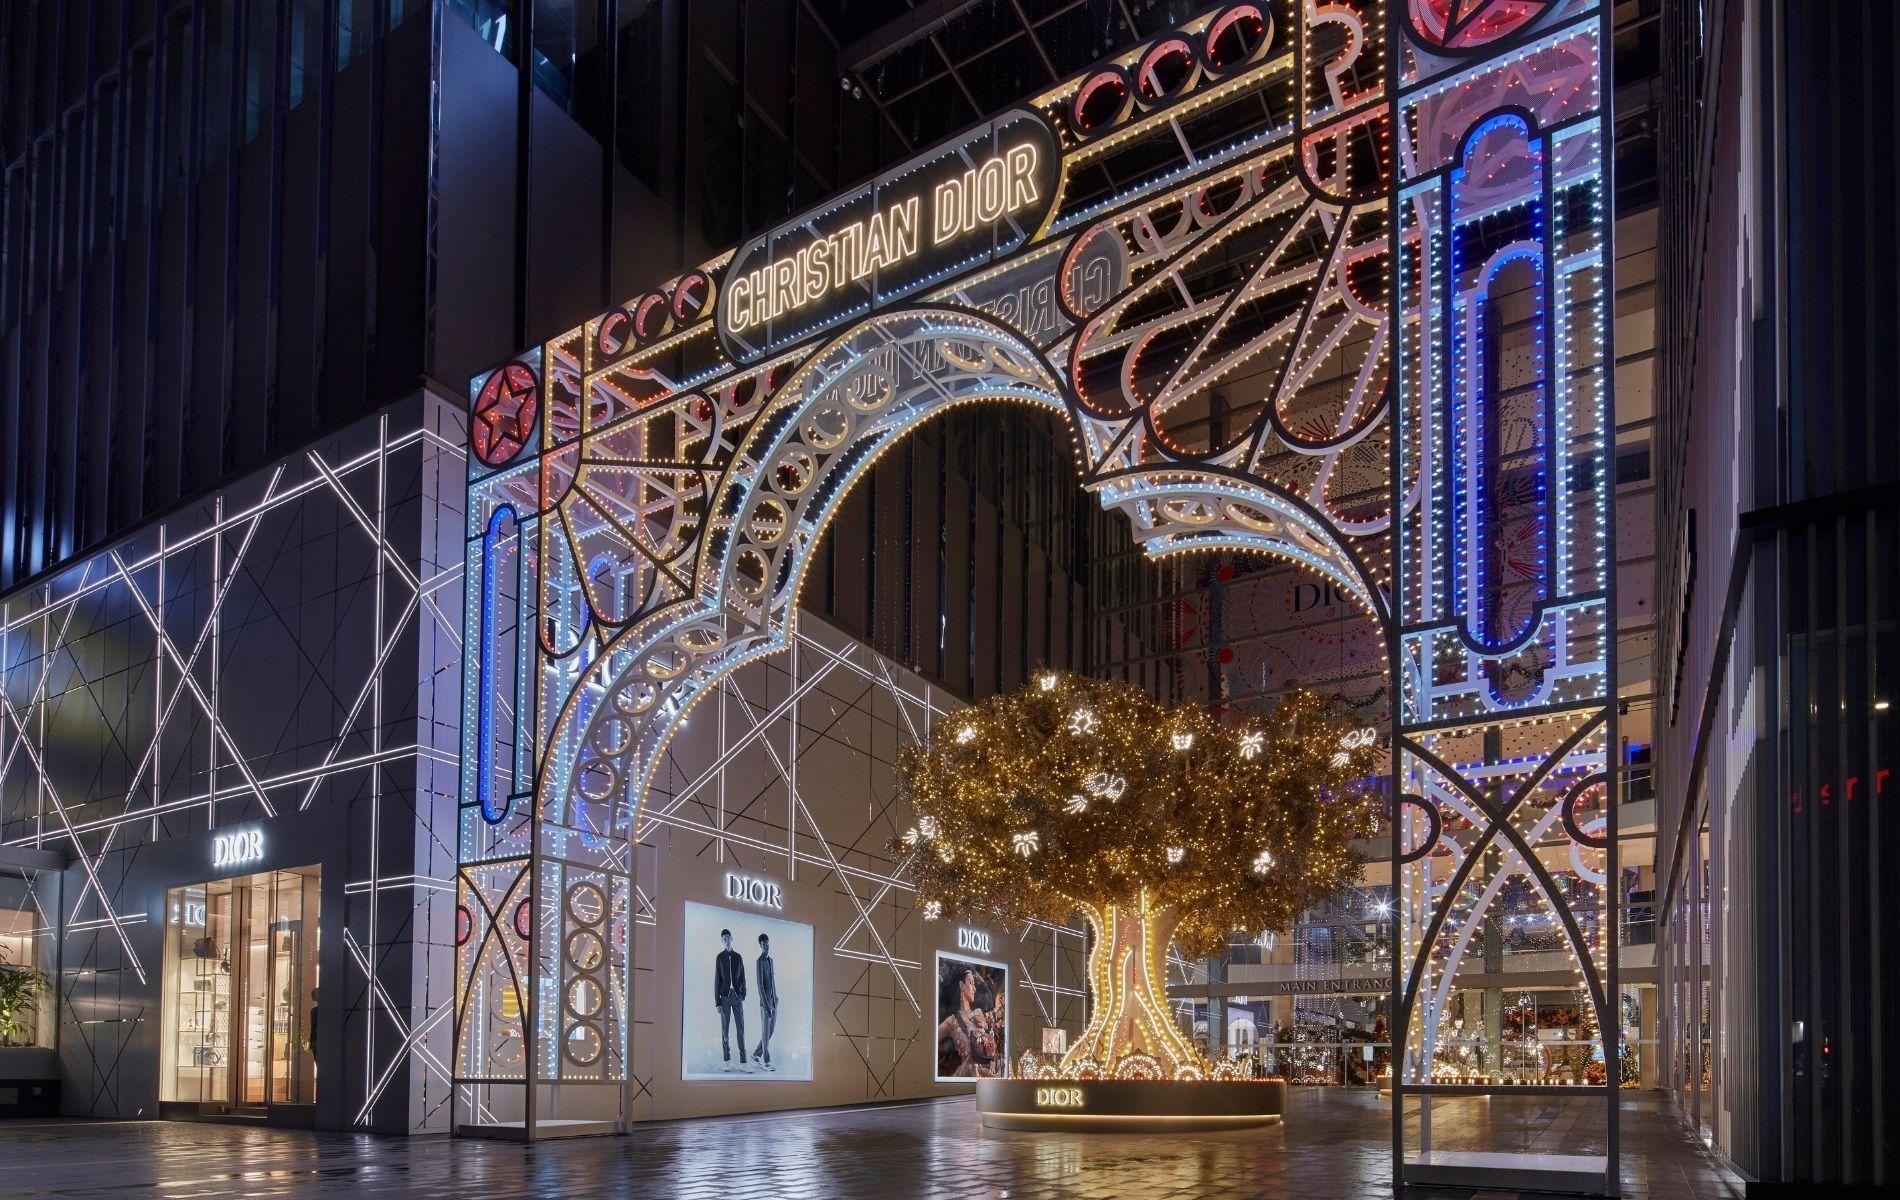 The Dior Christmas Tree Lights Up Pavilion Kuala Lumpur For The Holiday Season